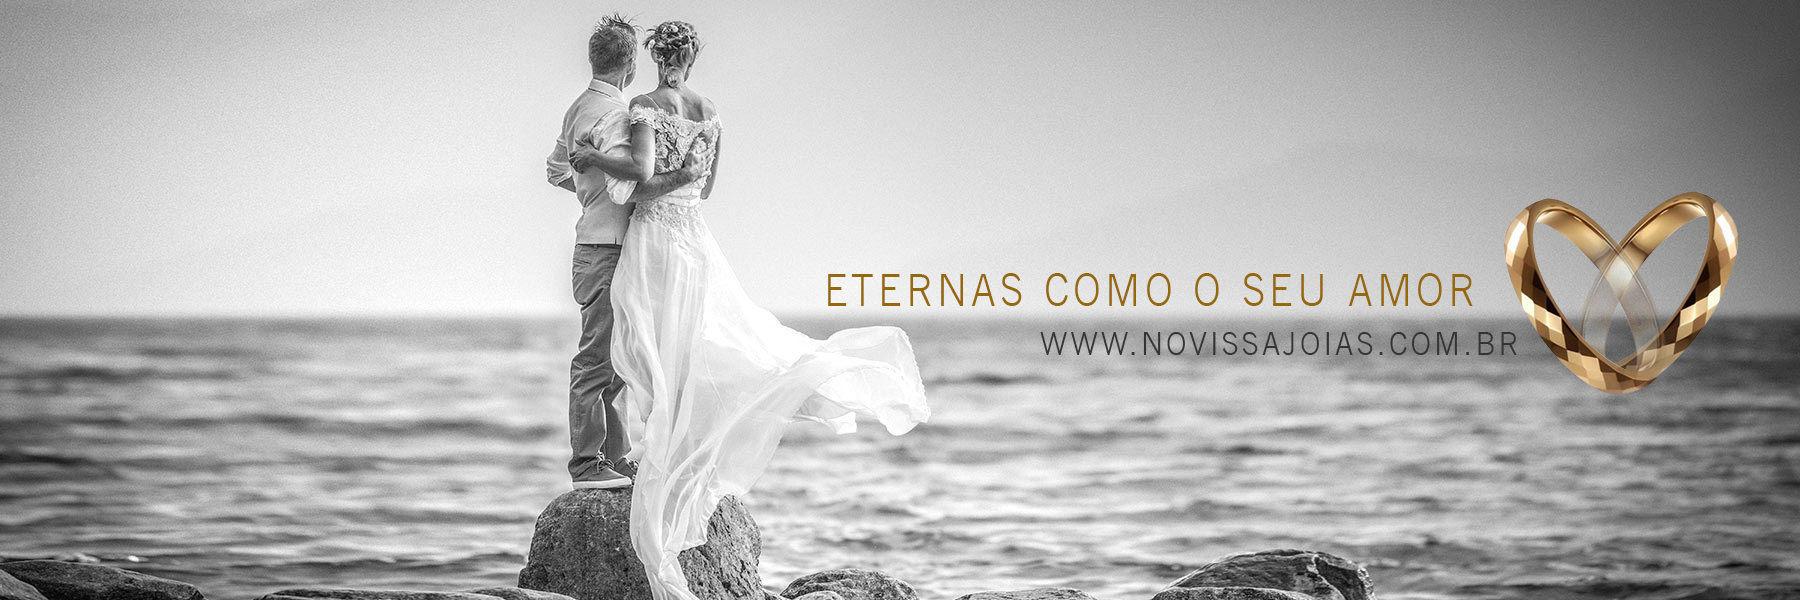 banner Novissa Joias